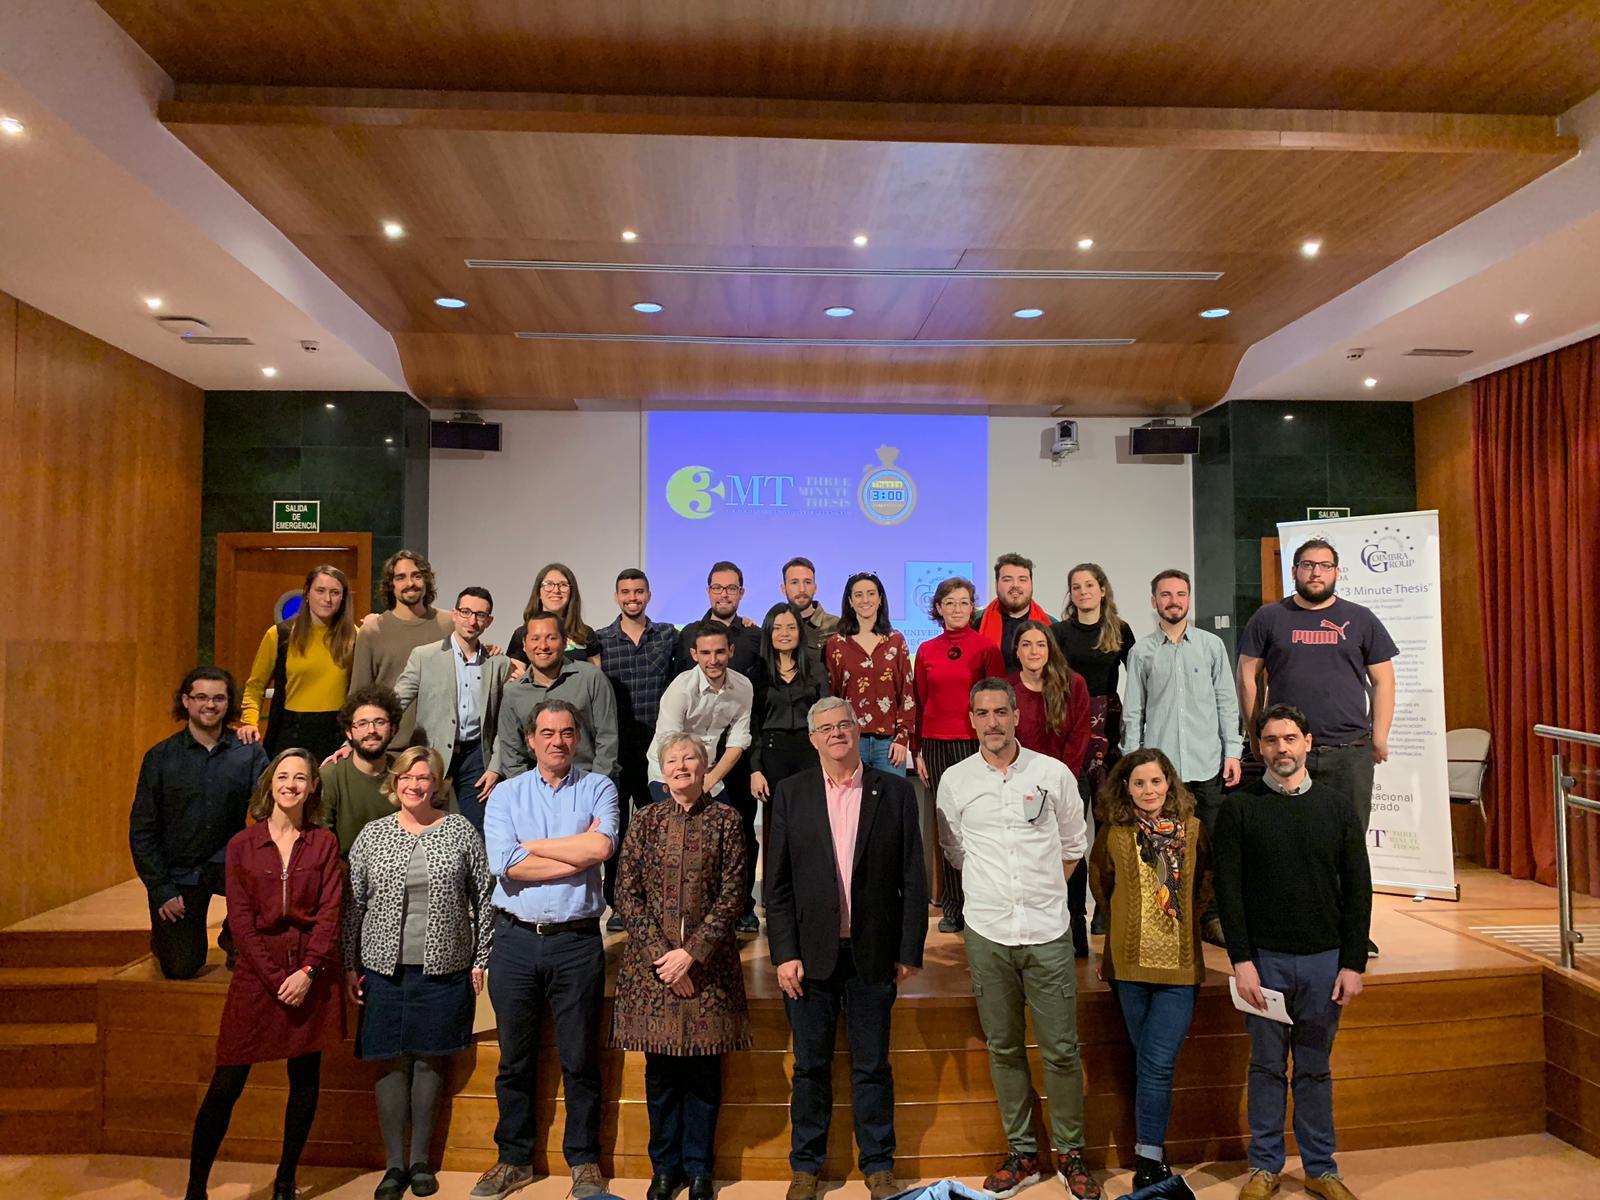 La Universidad de Granada acoge la final del concurso 3 Minute Thesis